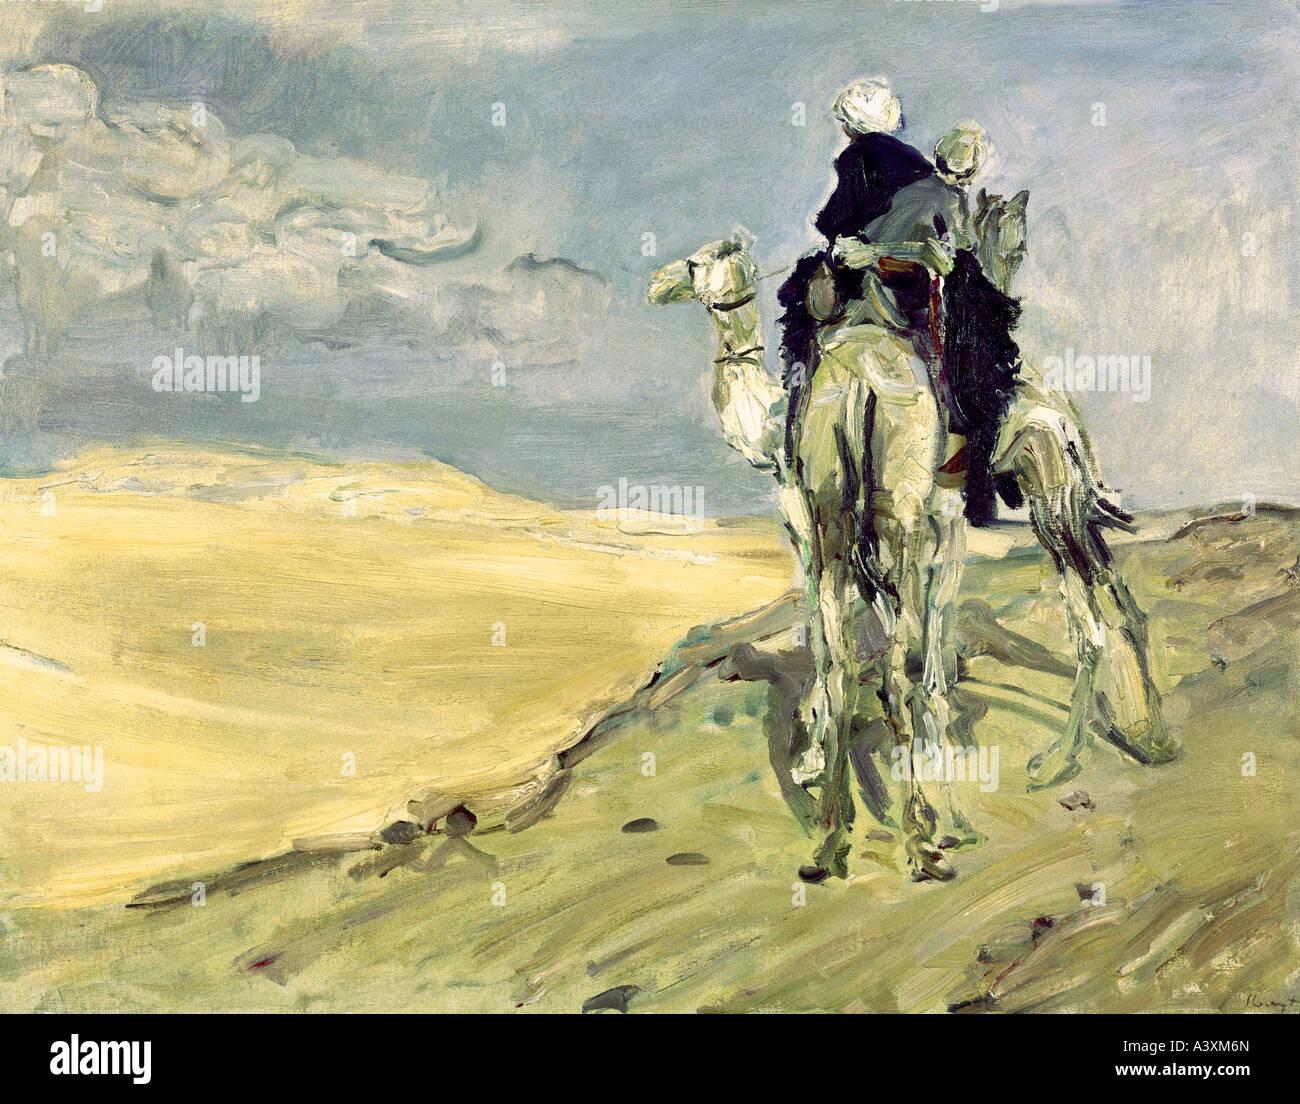 """""""Bellas Artes, Slevogt, Max (8.10.1868 - 20.9.1932), la pintura """"andsturm in der Wüste' de 1914, Imagen De Stock"""